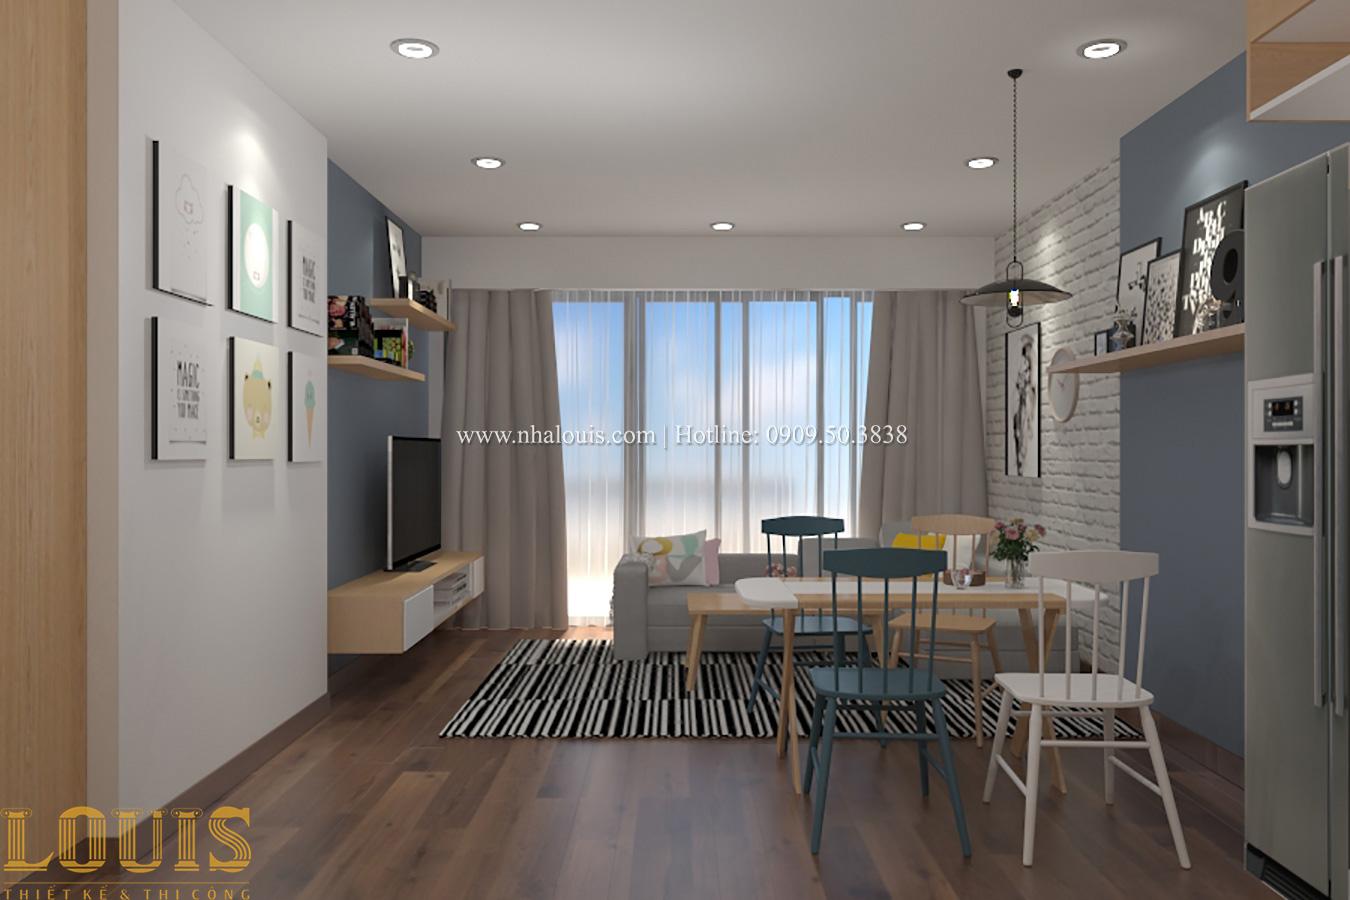 Bếp và phòng ăn Tư vấn thiết kế mẫu nhà đẹp 4x20m hiện đại và sang trọng tại quận 8 - 30